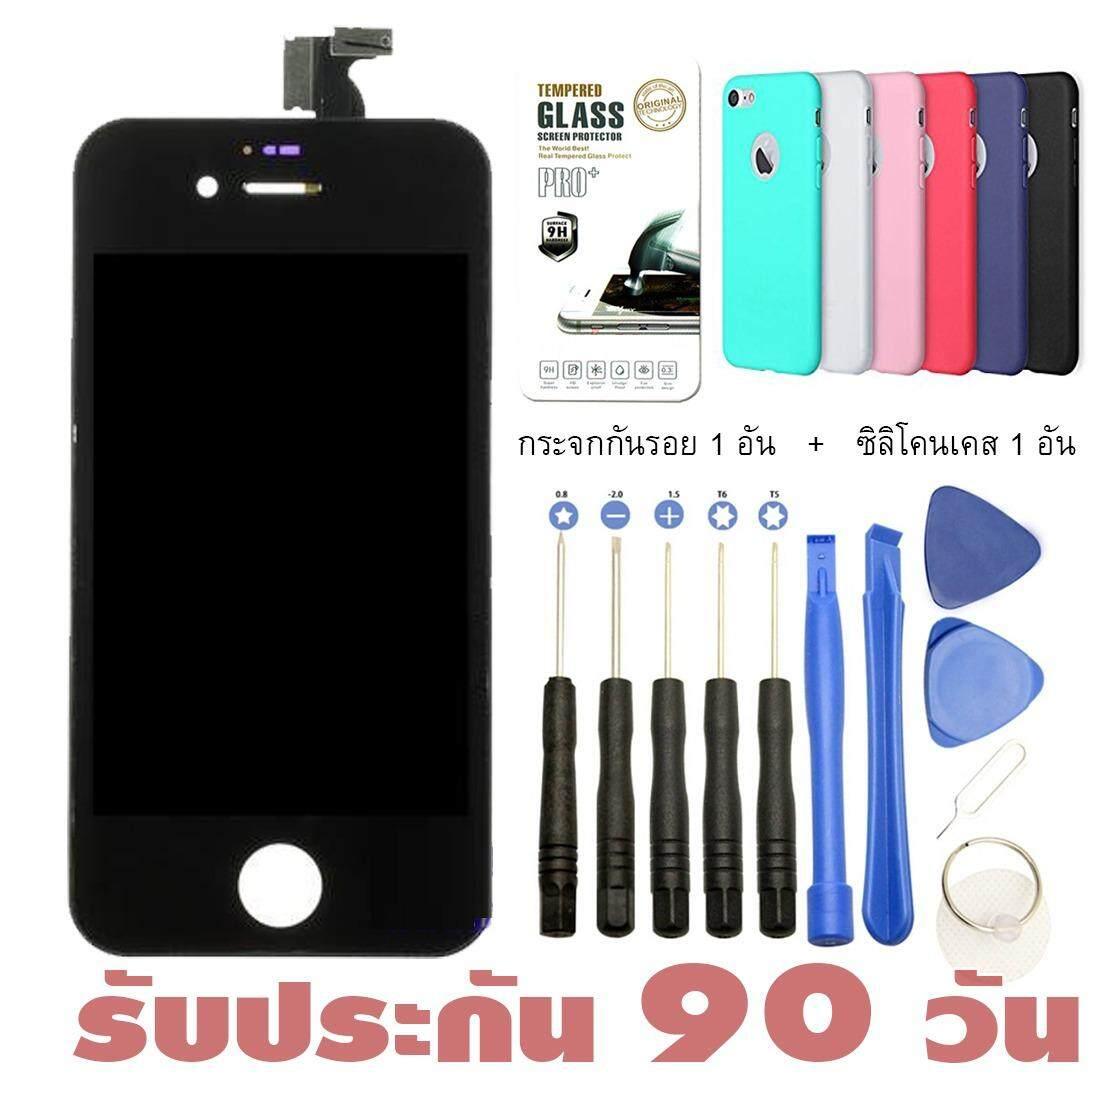 โปรโมชั่น ประกัน 90 วัน หน้าจอไอโฟน 4S ทัสกรีน Iphone 4S Lcd ถูก